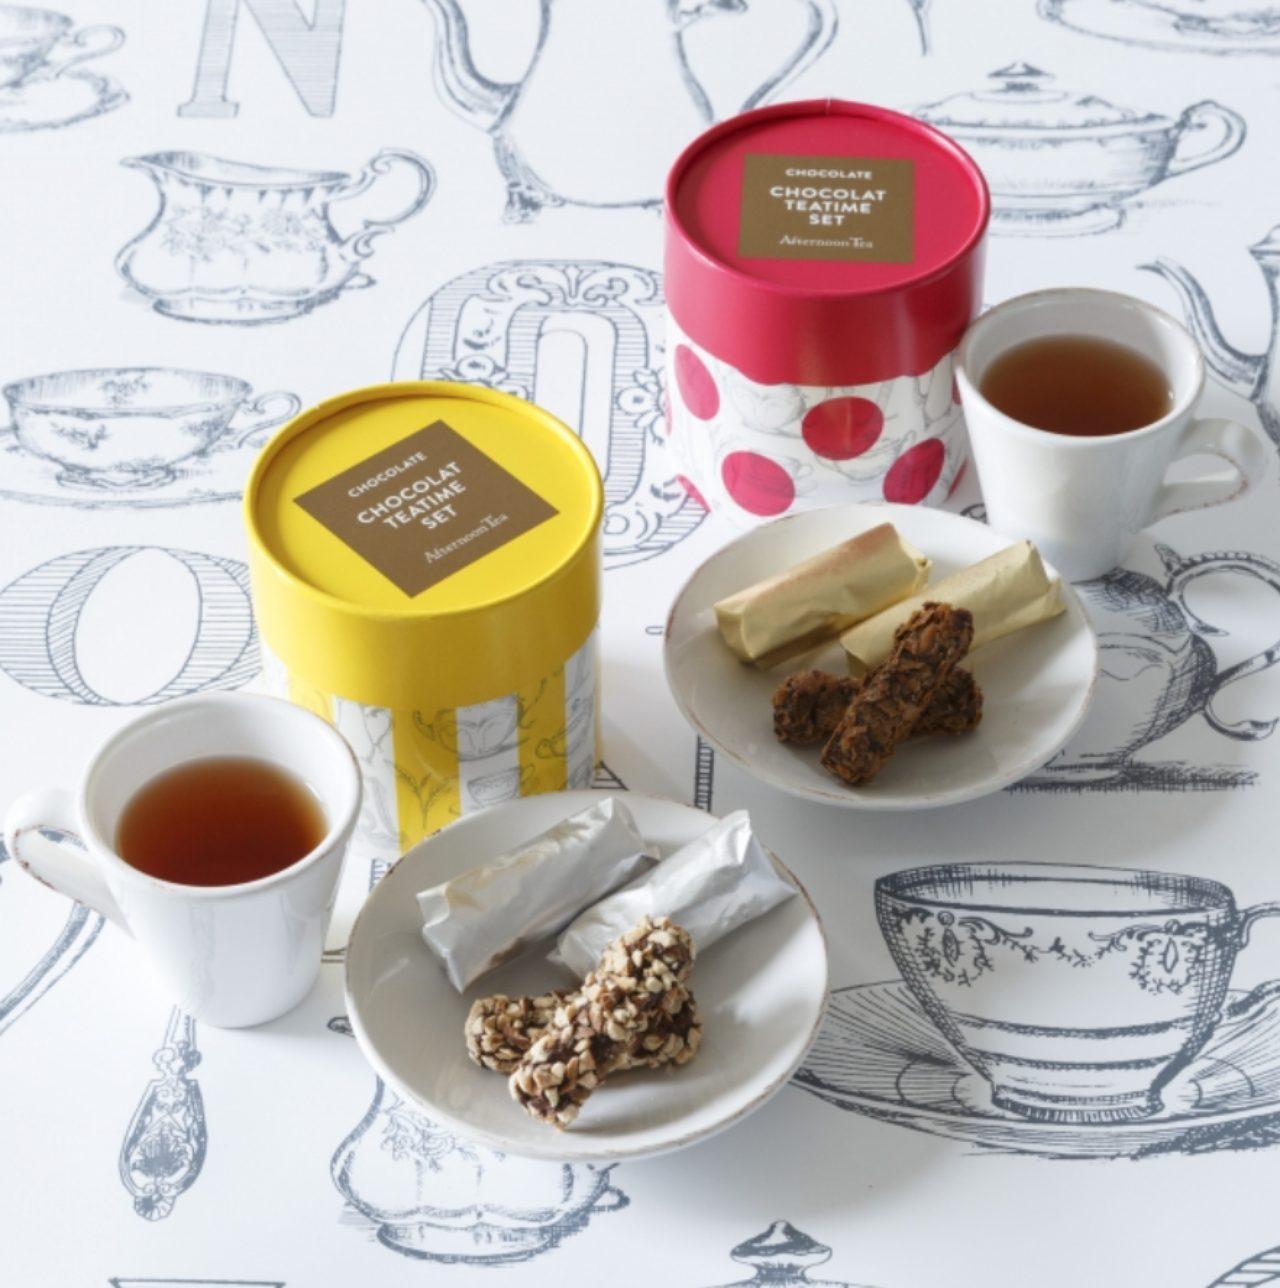 画像: NEW ■商品名:ショコラ ティータイムセット(ピンク) ■価格:1,080円(税込) ■販売開始:12月17日(木) ■商品説明:冬限定の紅茶とチョコレートの詰め合わせです。 ・ウィンター ショコラティー(3個) ・ティーチョコレート&フィアンティーヌ(4個) NEW ■商品名:ショコラ ティータイムセット(イエロー) ■価格:1,080円(税込) ■販売開始:12月17日(木) ■商品説明:冬限定の紅茶とチョコレートの詰め合わせです。 ・ウィンター アップルティー(3個) ・ミルクチョコレート&ナッツ(4個)